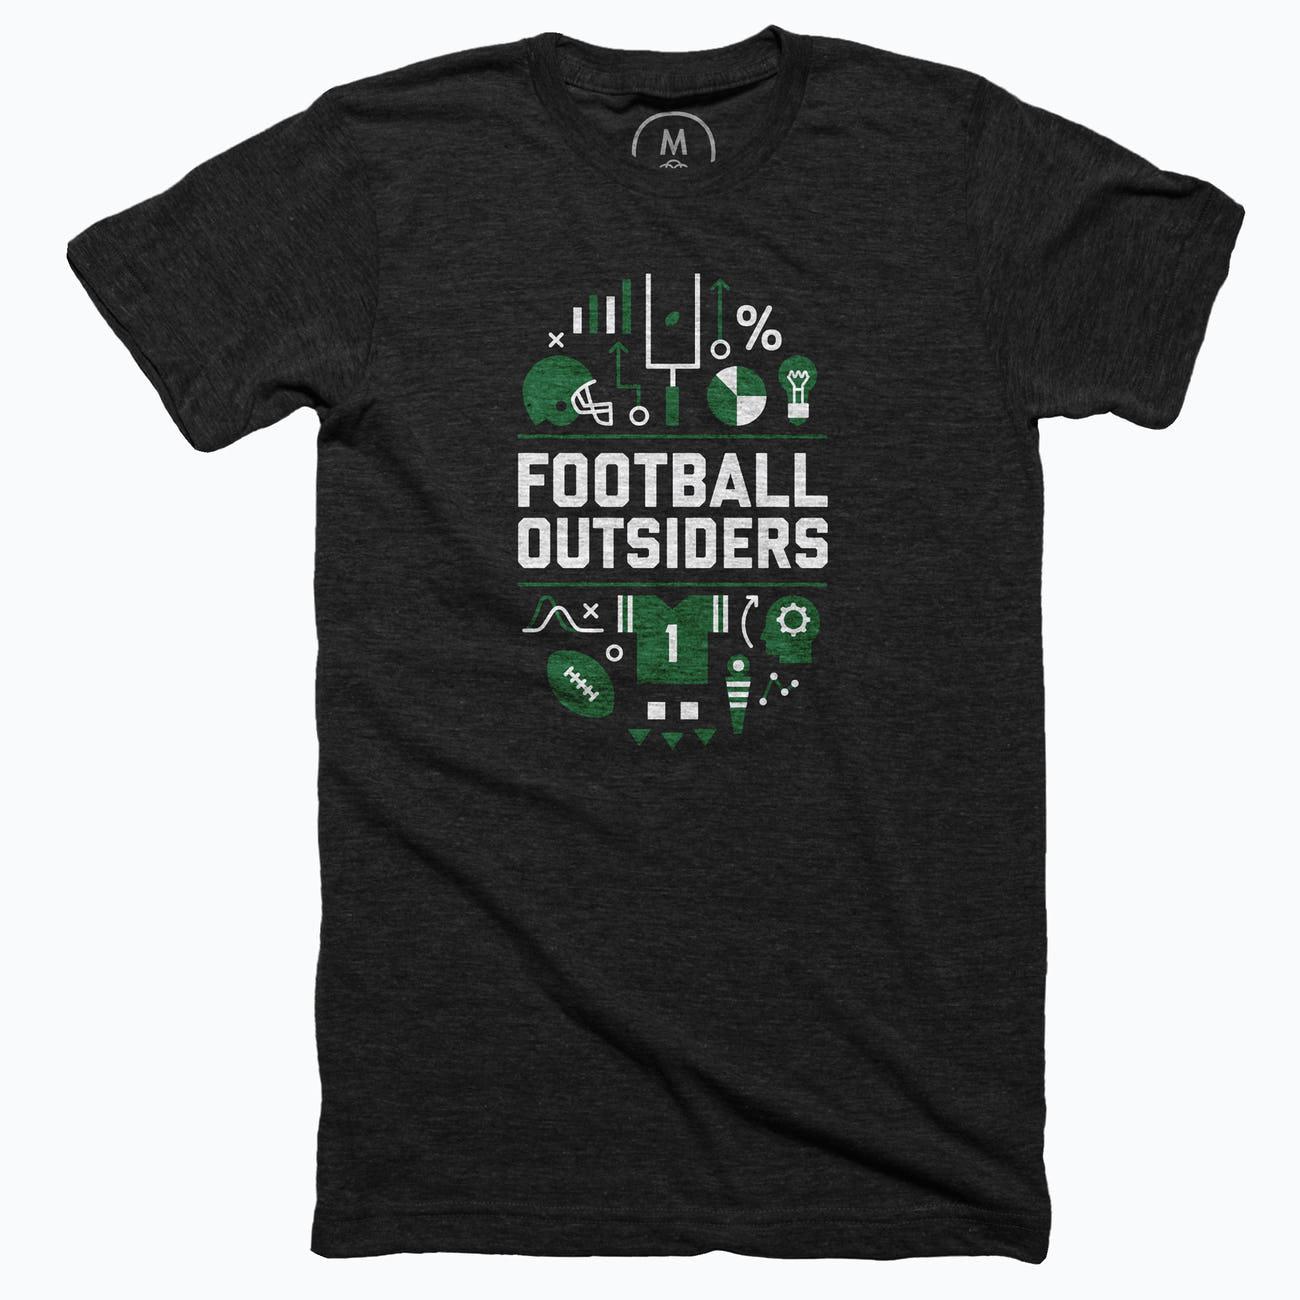 Football Outsiders Tshirt